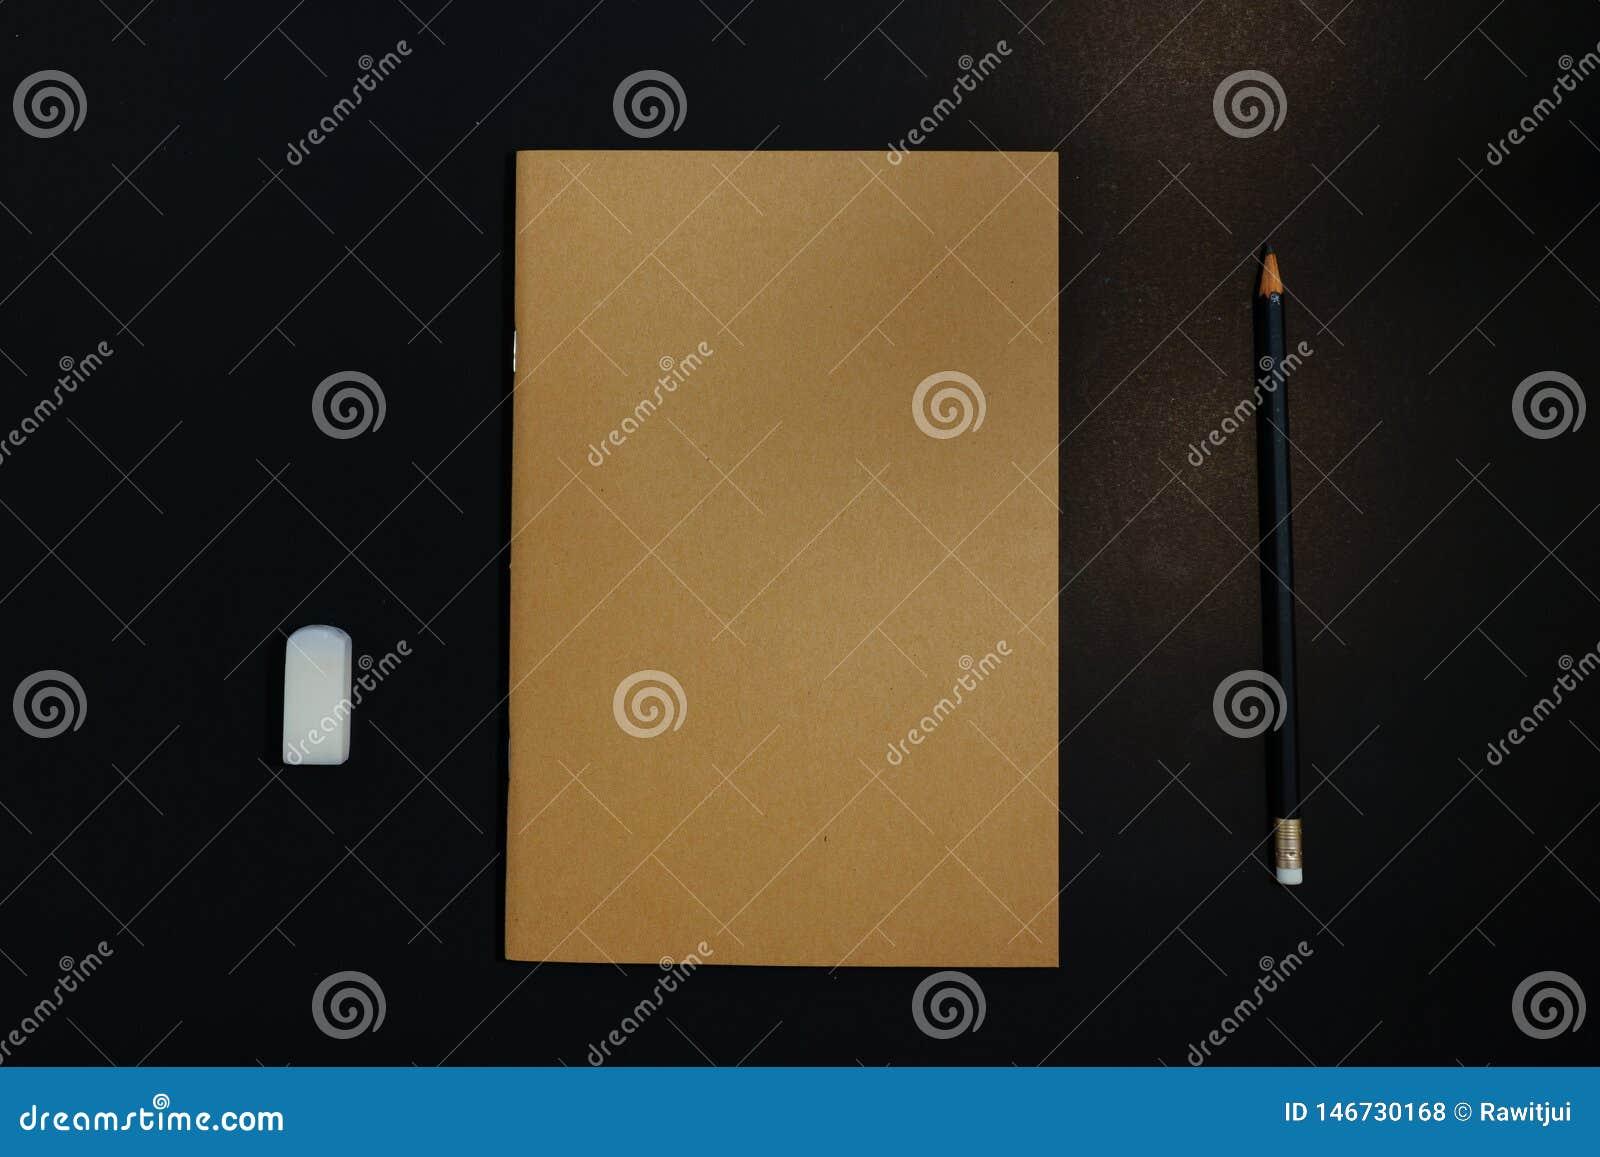 Σημειωματάριο, μολύβι και γόμα στο μαύρο υπόβαθρο